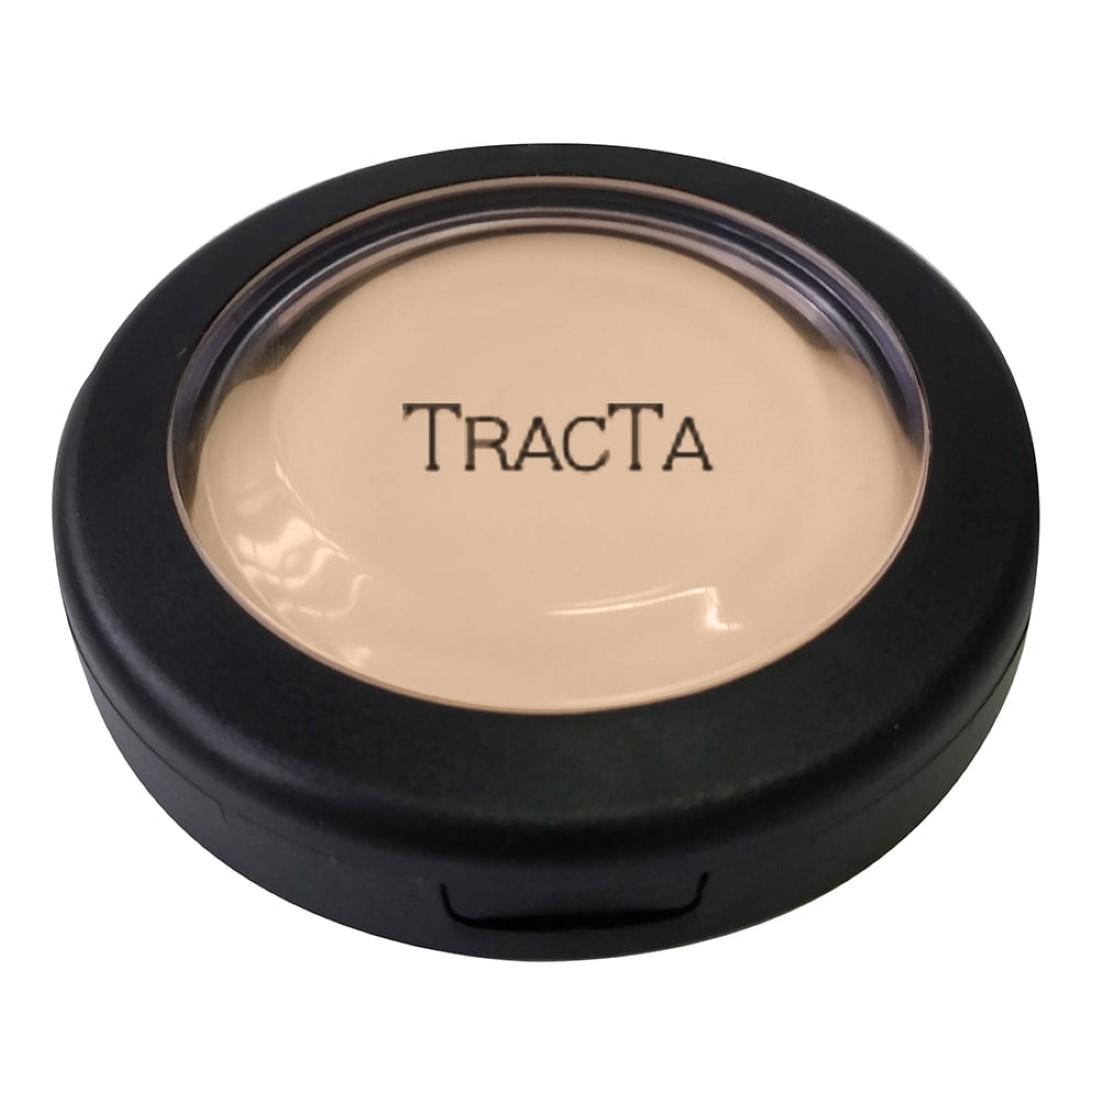 Pó Compacto HD Ultra Fino Translucent 08 9g - Tracta